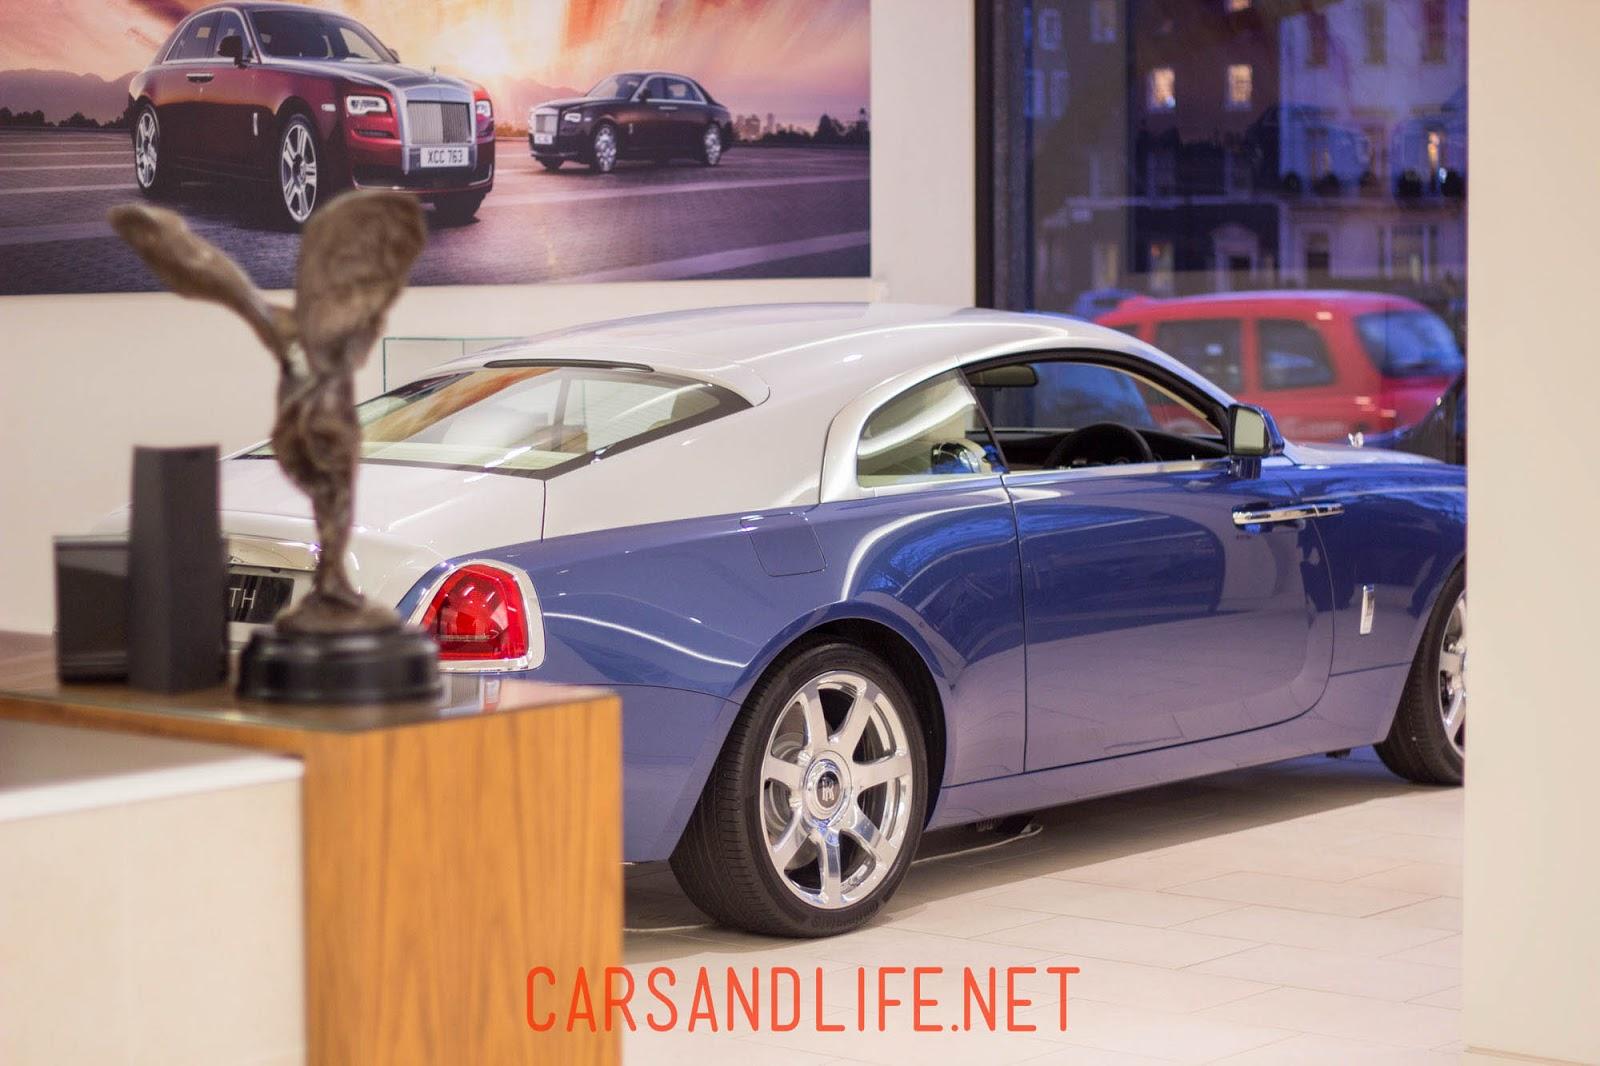 Rolls-Royce Wraith via Canon 50mm f 1.8 Lens